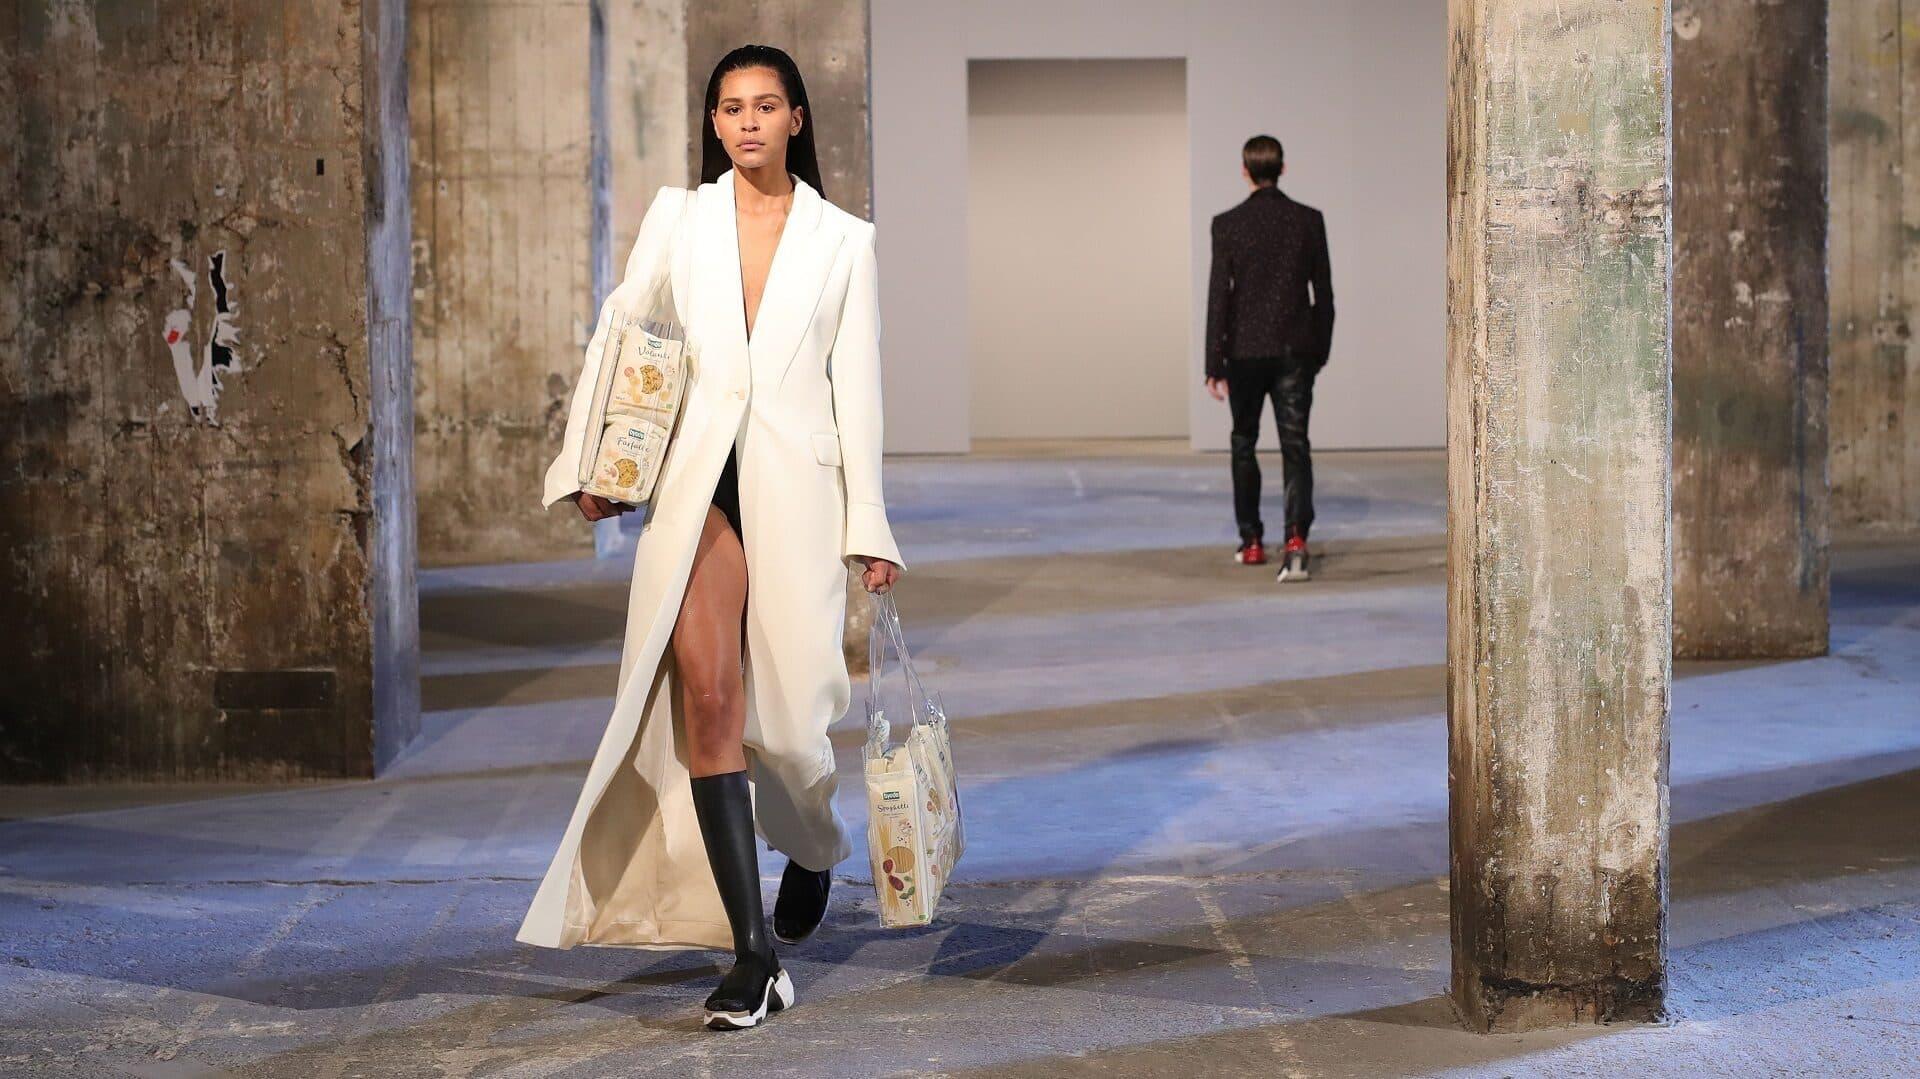 Ein Model in weißem Mantel läuft mit transparenten Taschen gefüllt mit Pasta über den Catwalk.